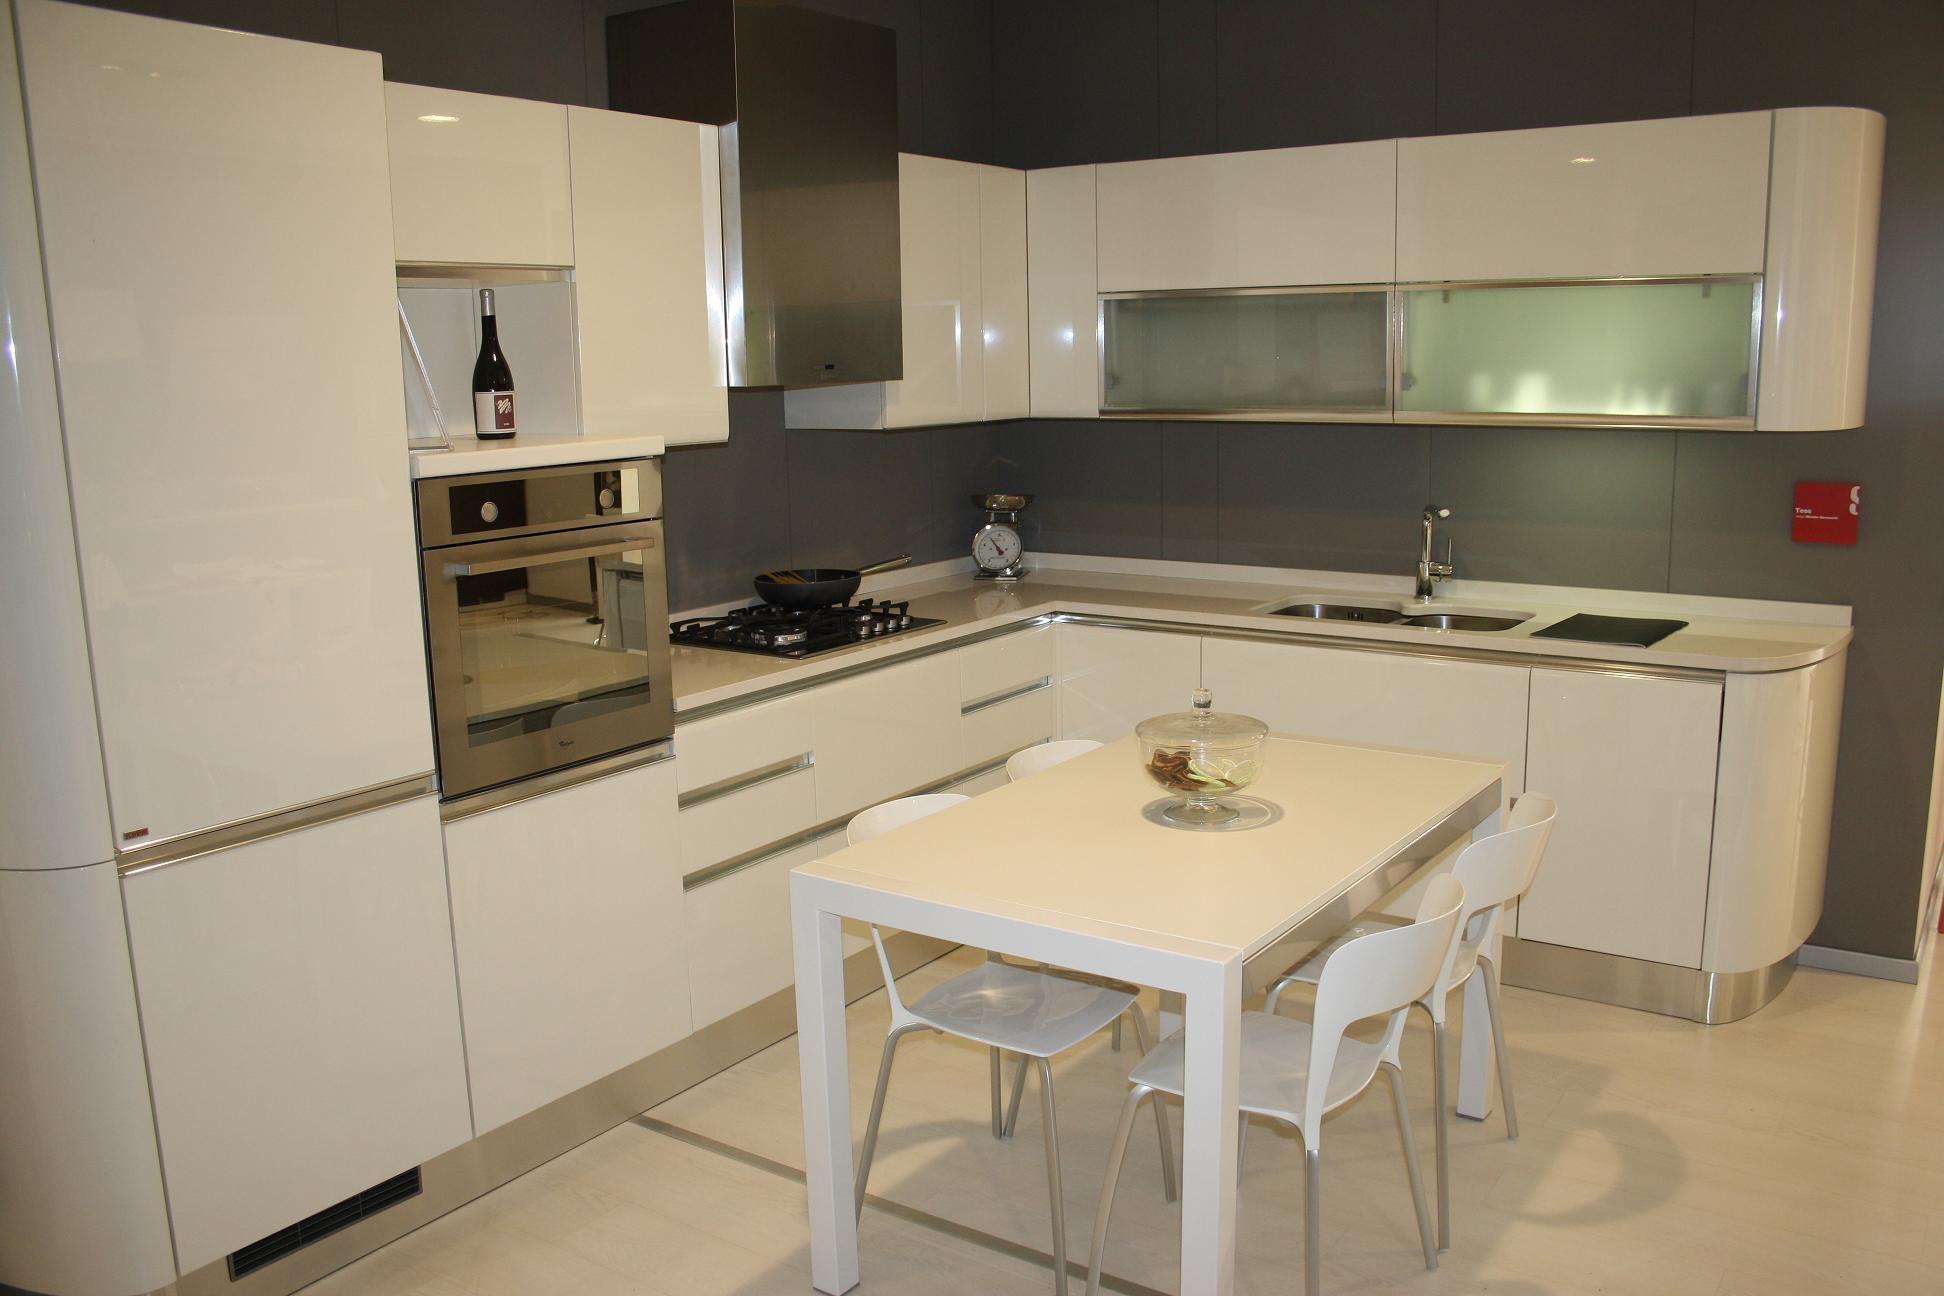 Cucina scavolini mod tess cucine a prezzi scontati - Scavolini cucina bianca ...